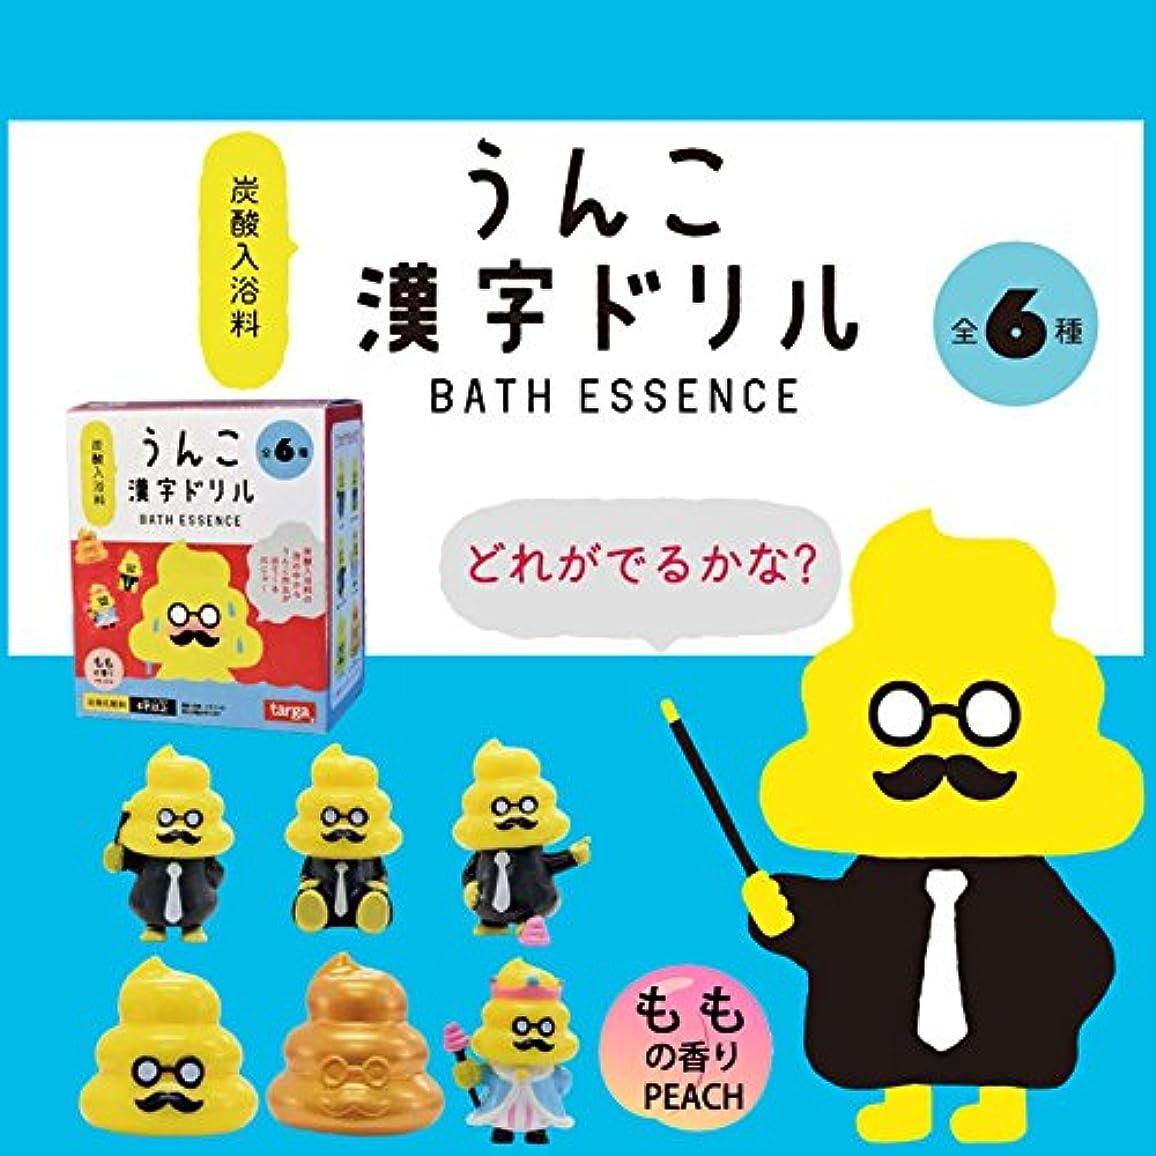 流列車後者うんこ漢字ドリル 炭酸入浴料 6個1セット 入浴剤